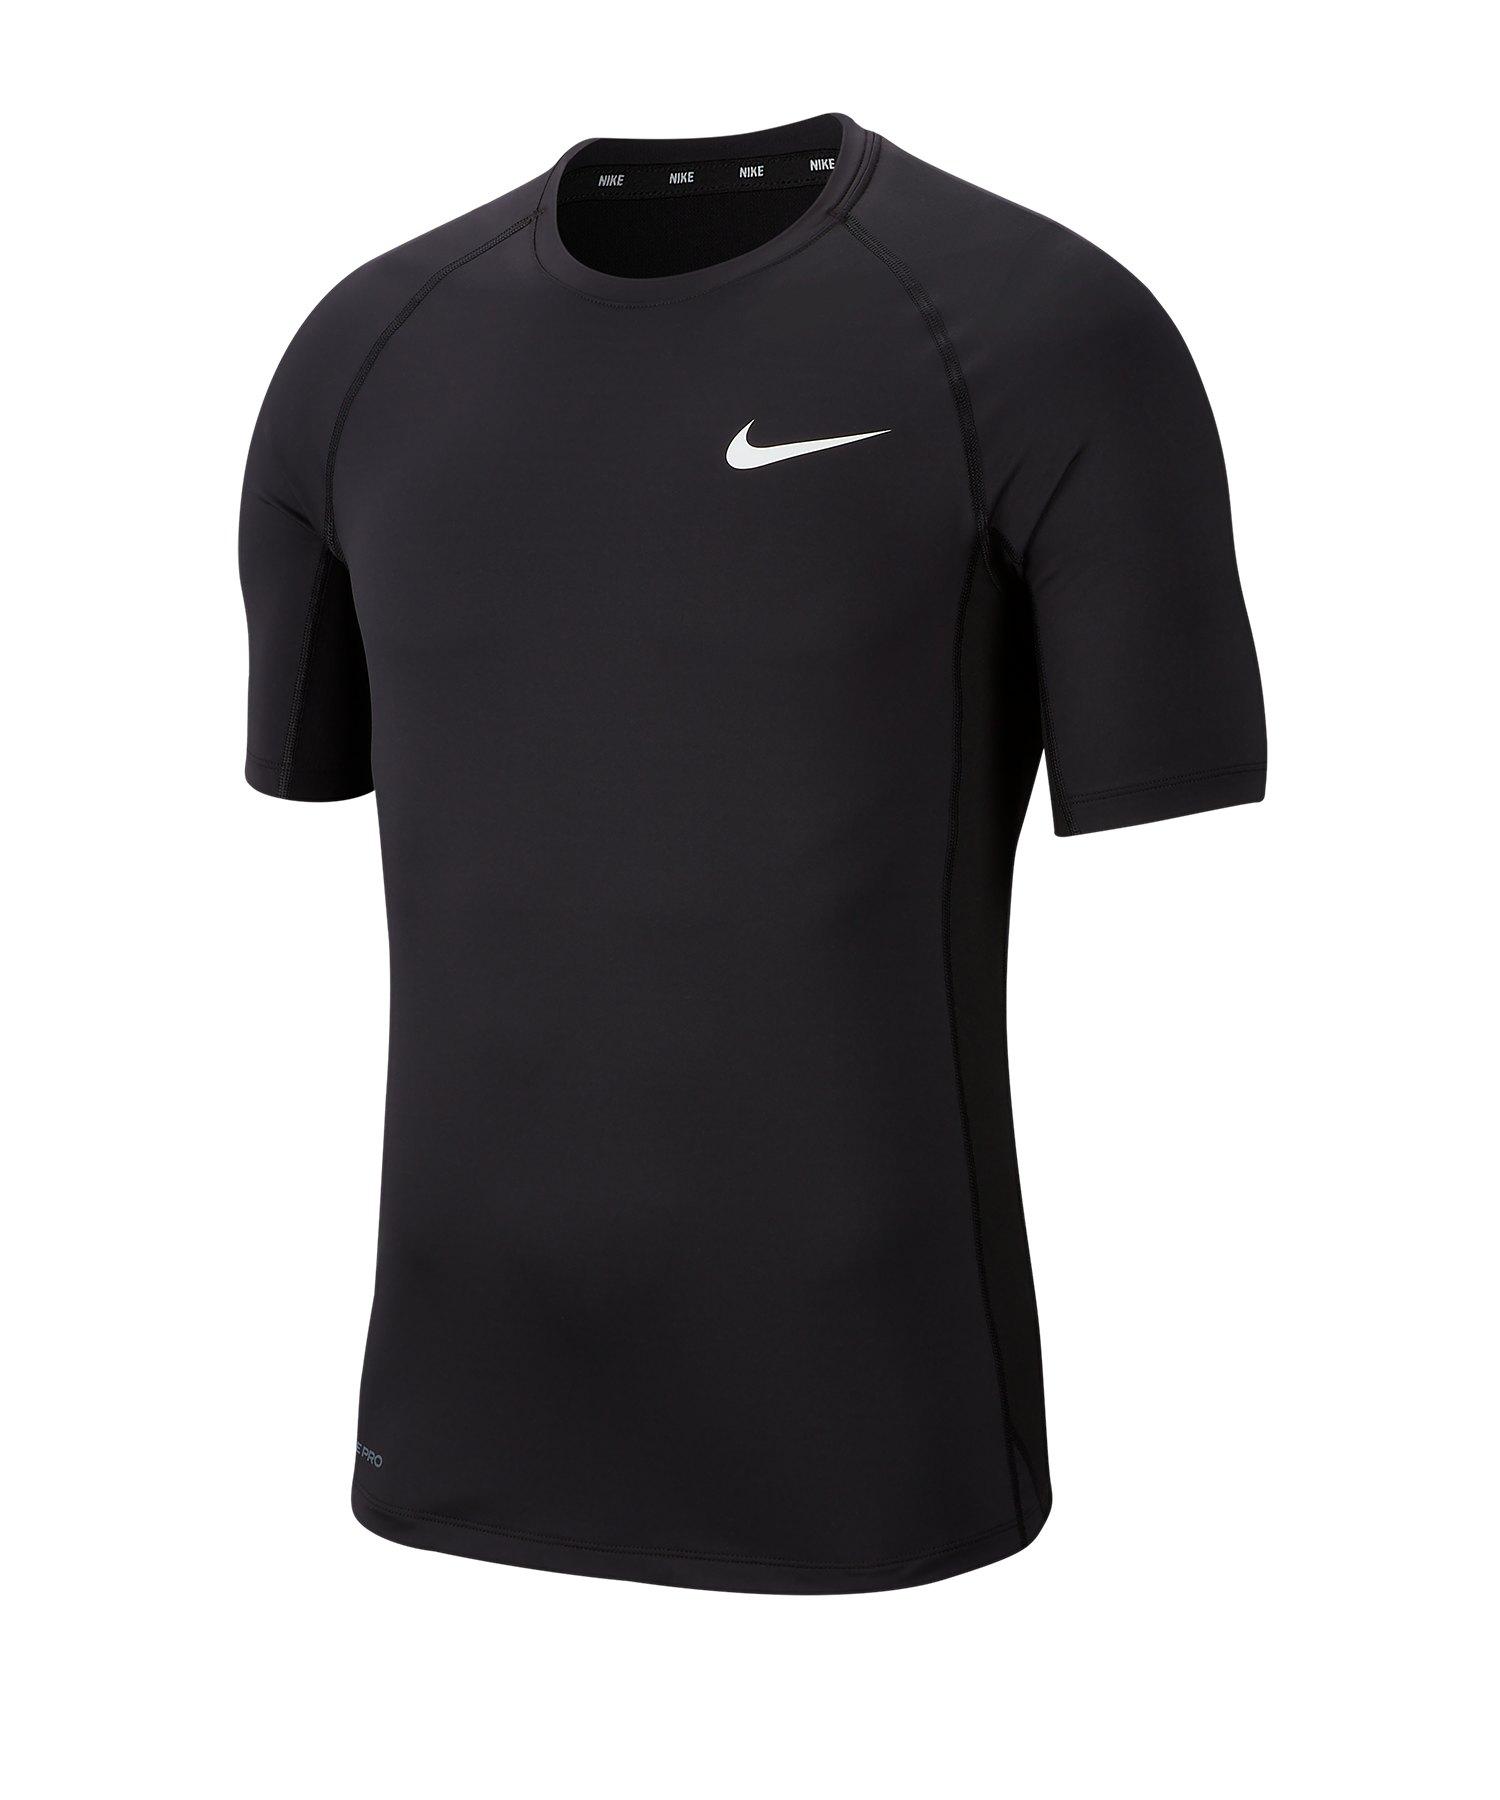 Nike Pro Compression Shortsleeve Shirt F010 - schwarz